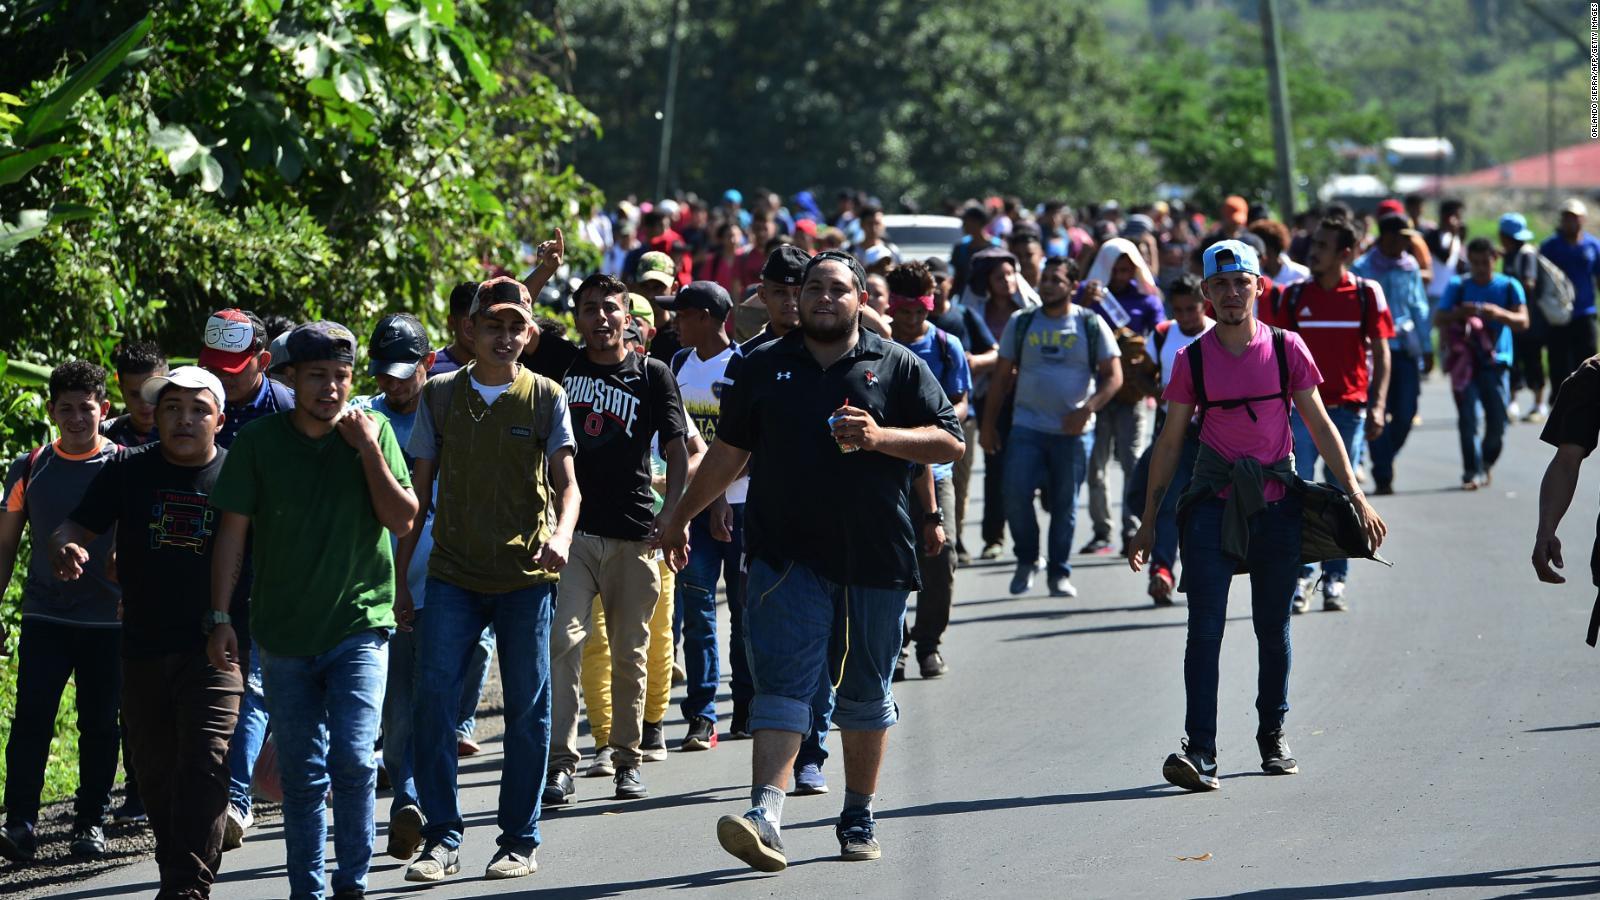 Declaración del Comisionado de CBP Mark A. Morgan sobre la Potencial Caravana de Migrantes